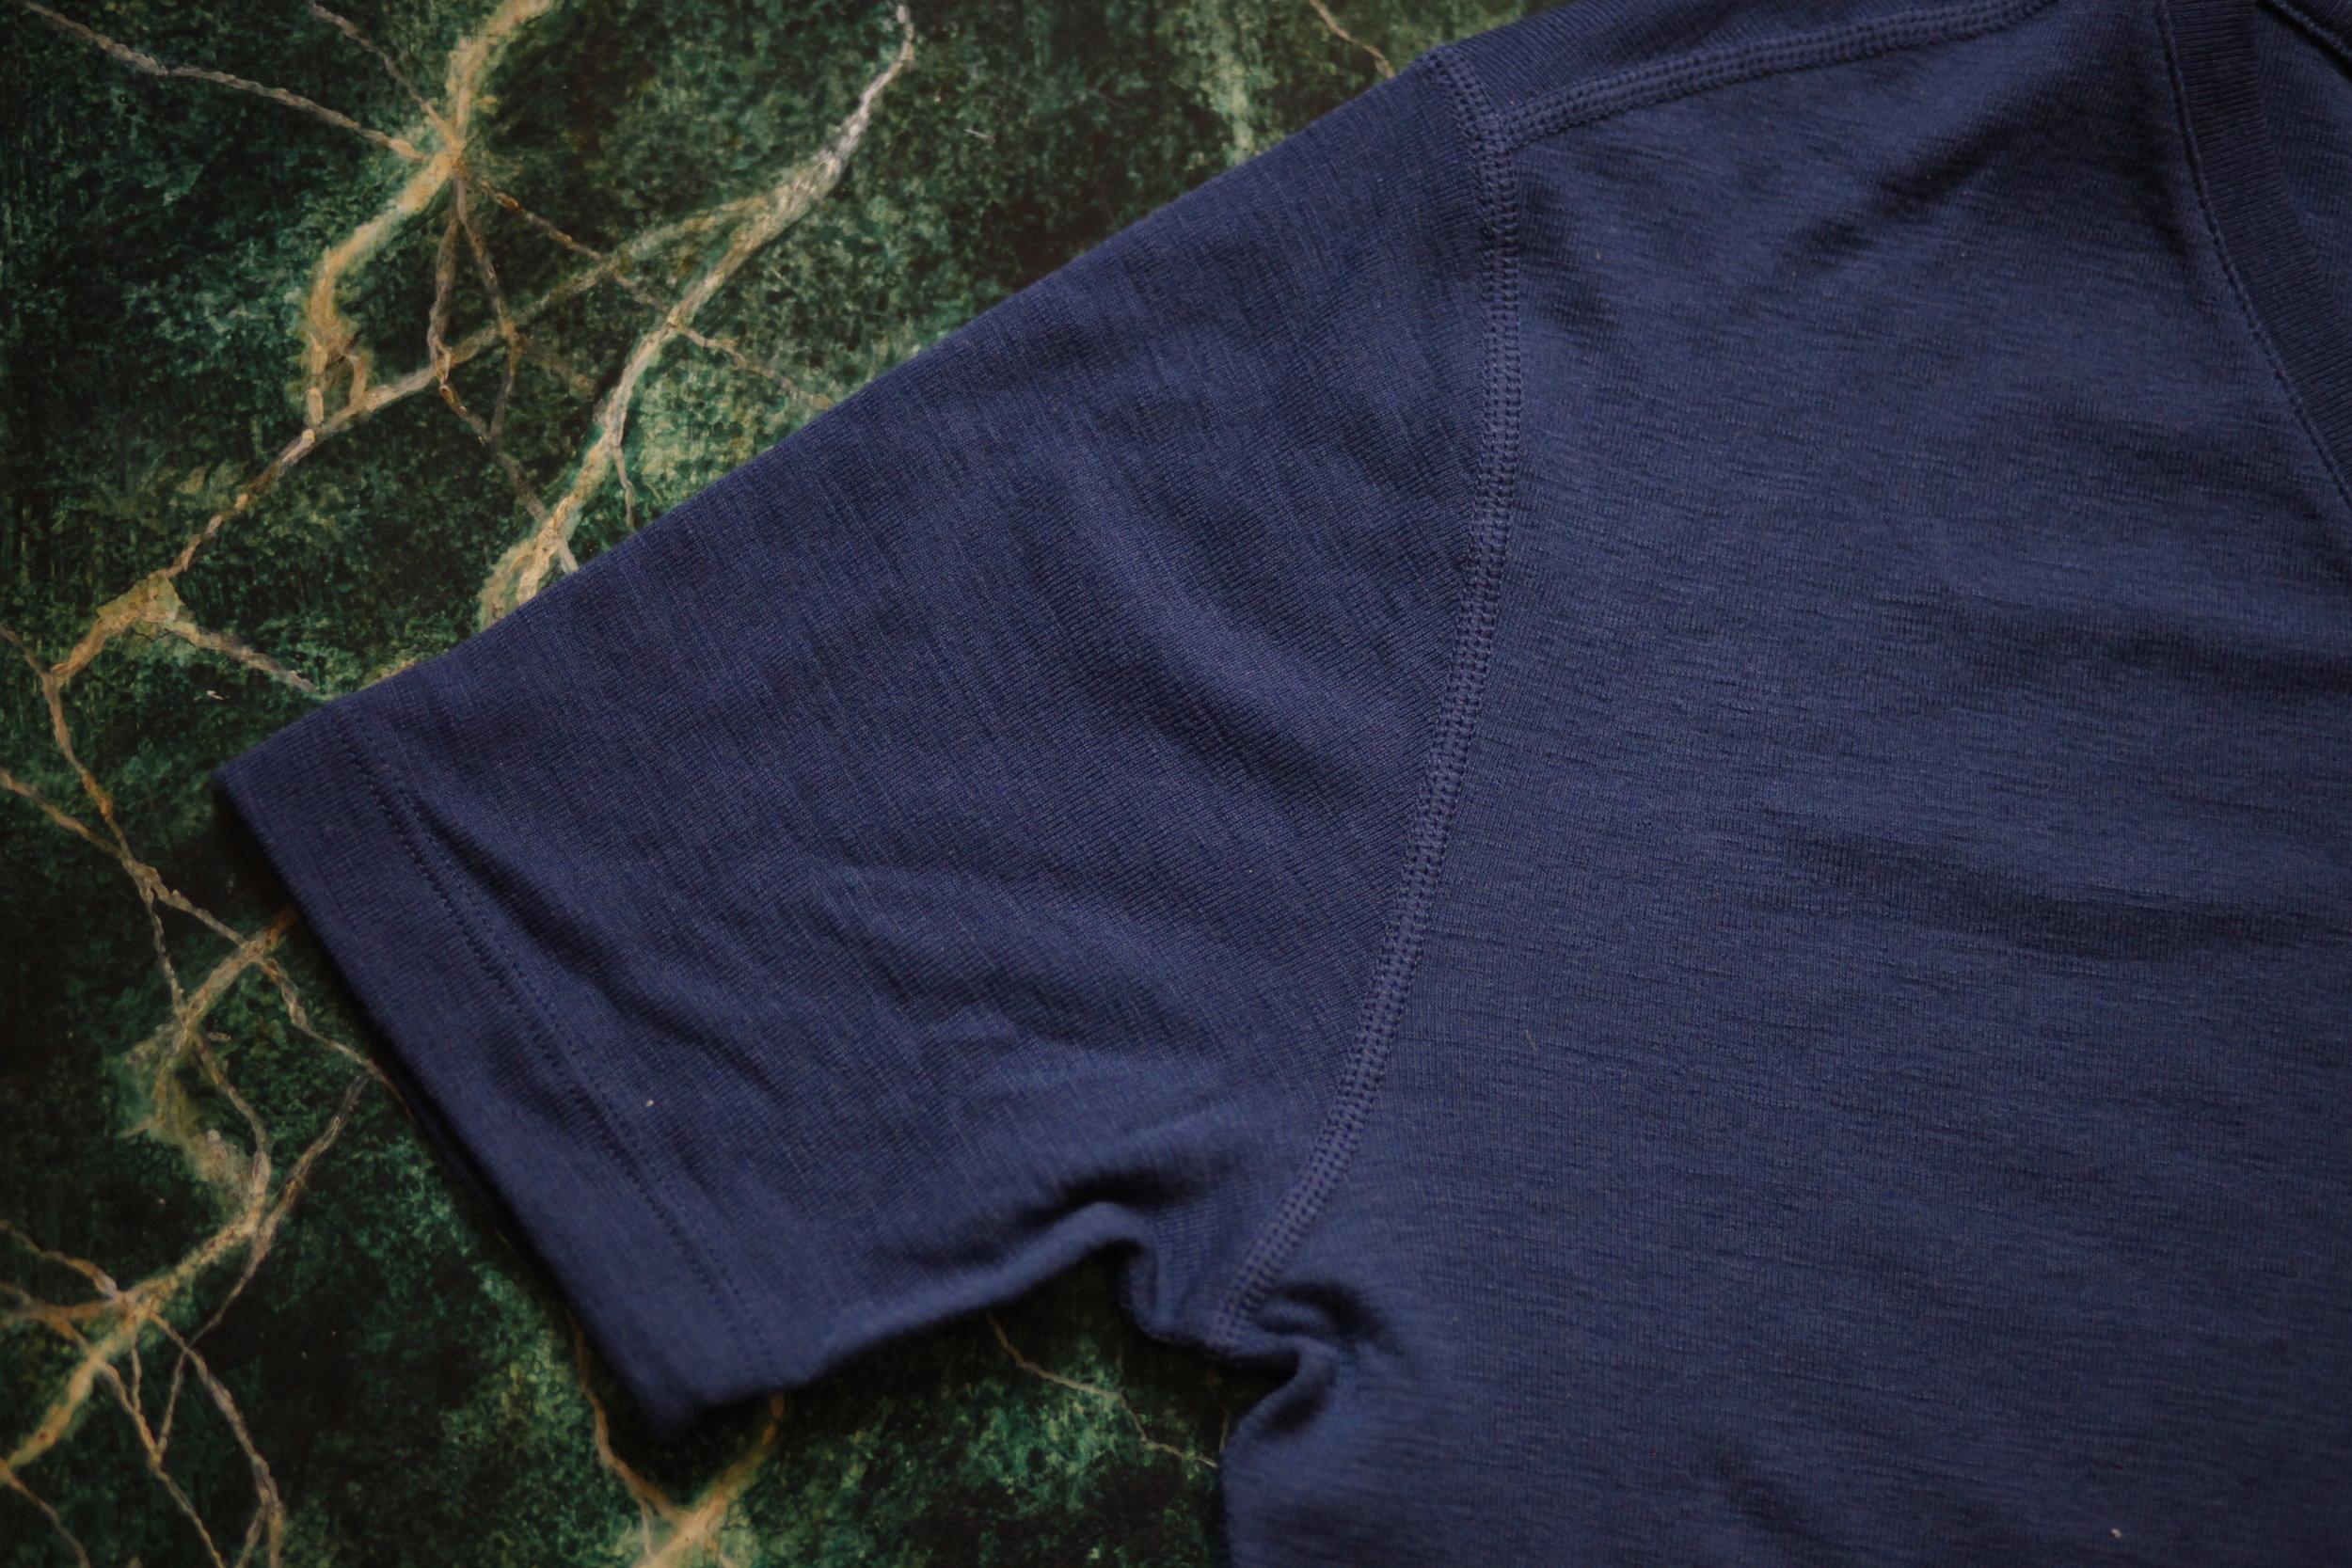 Rapha laine mérinos t shirt (2).JPG